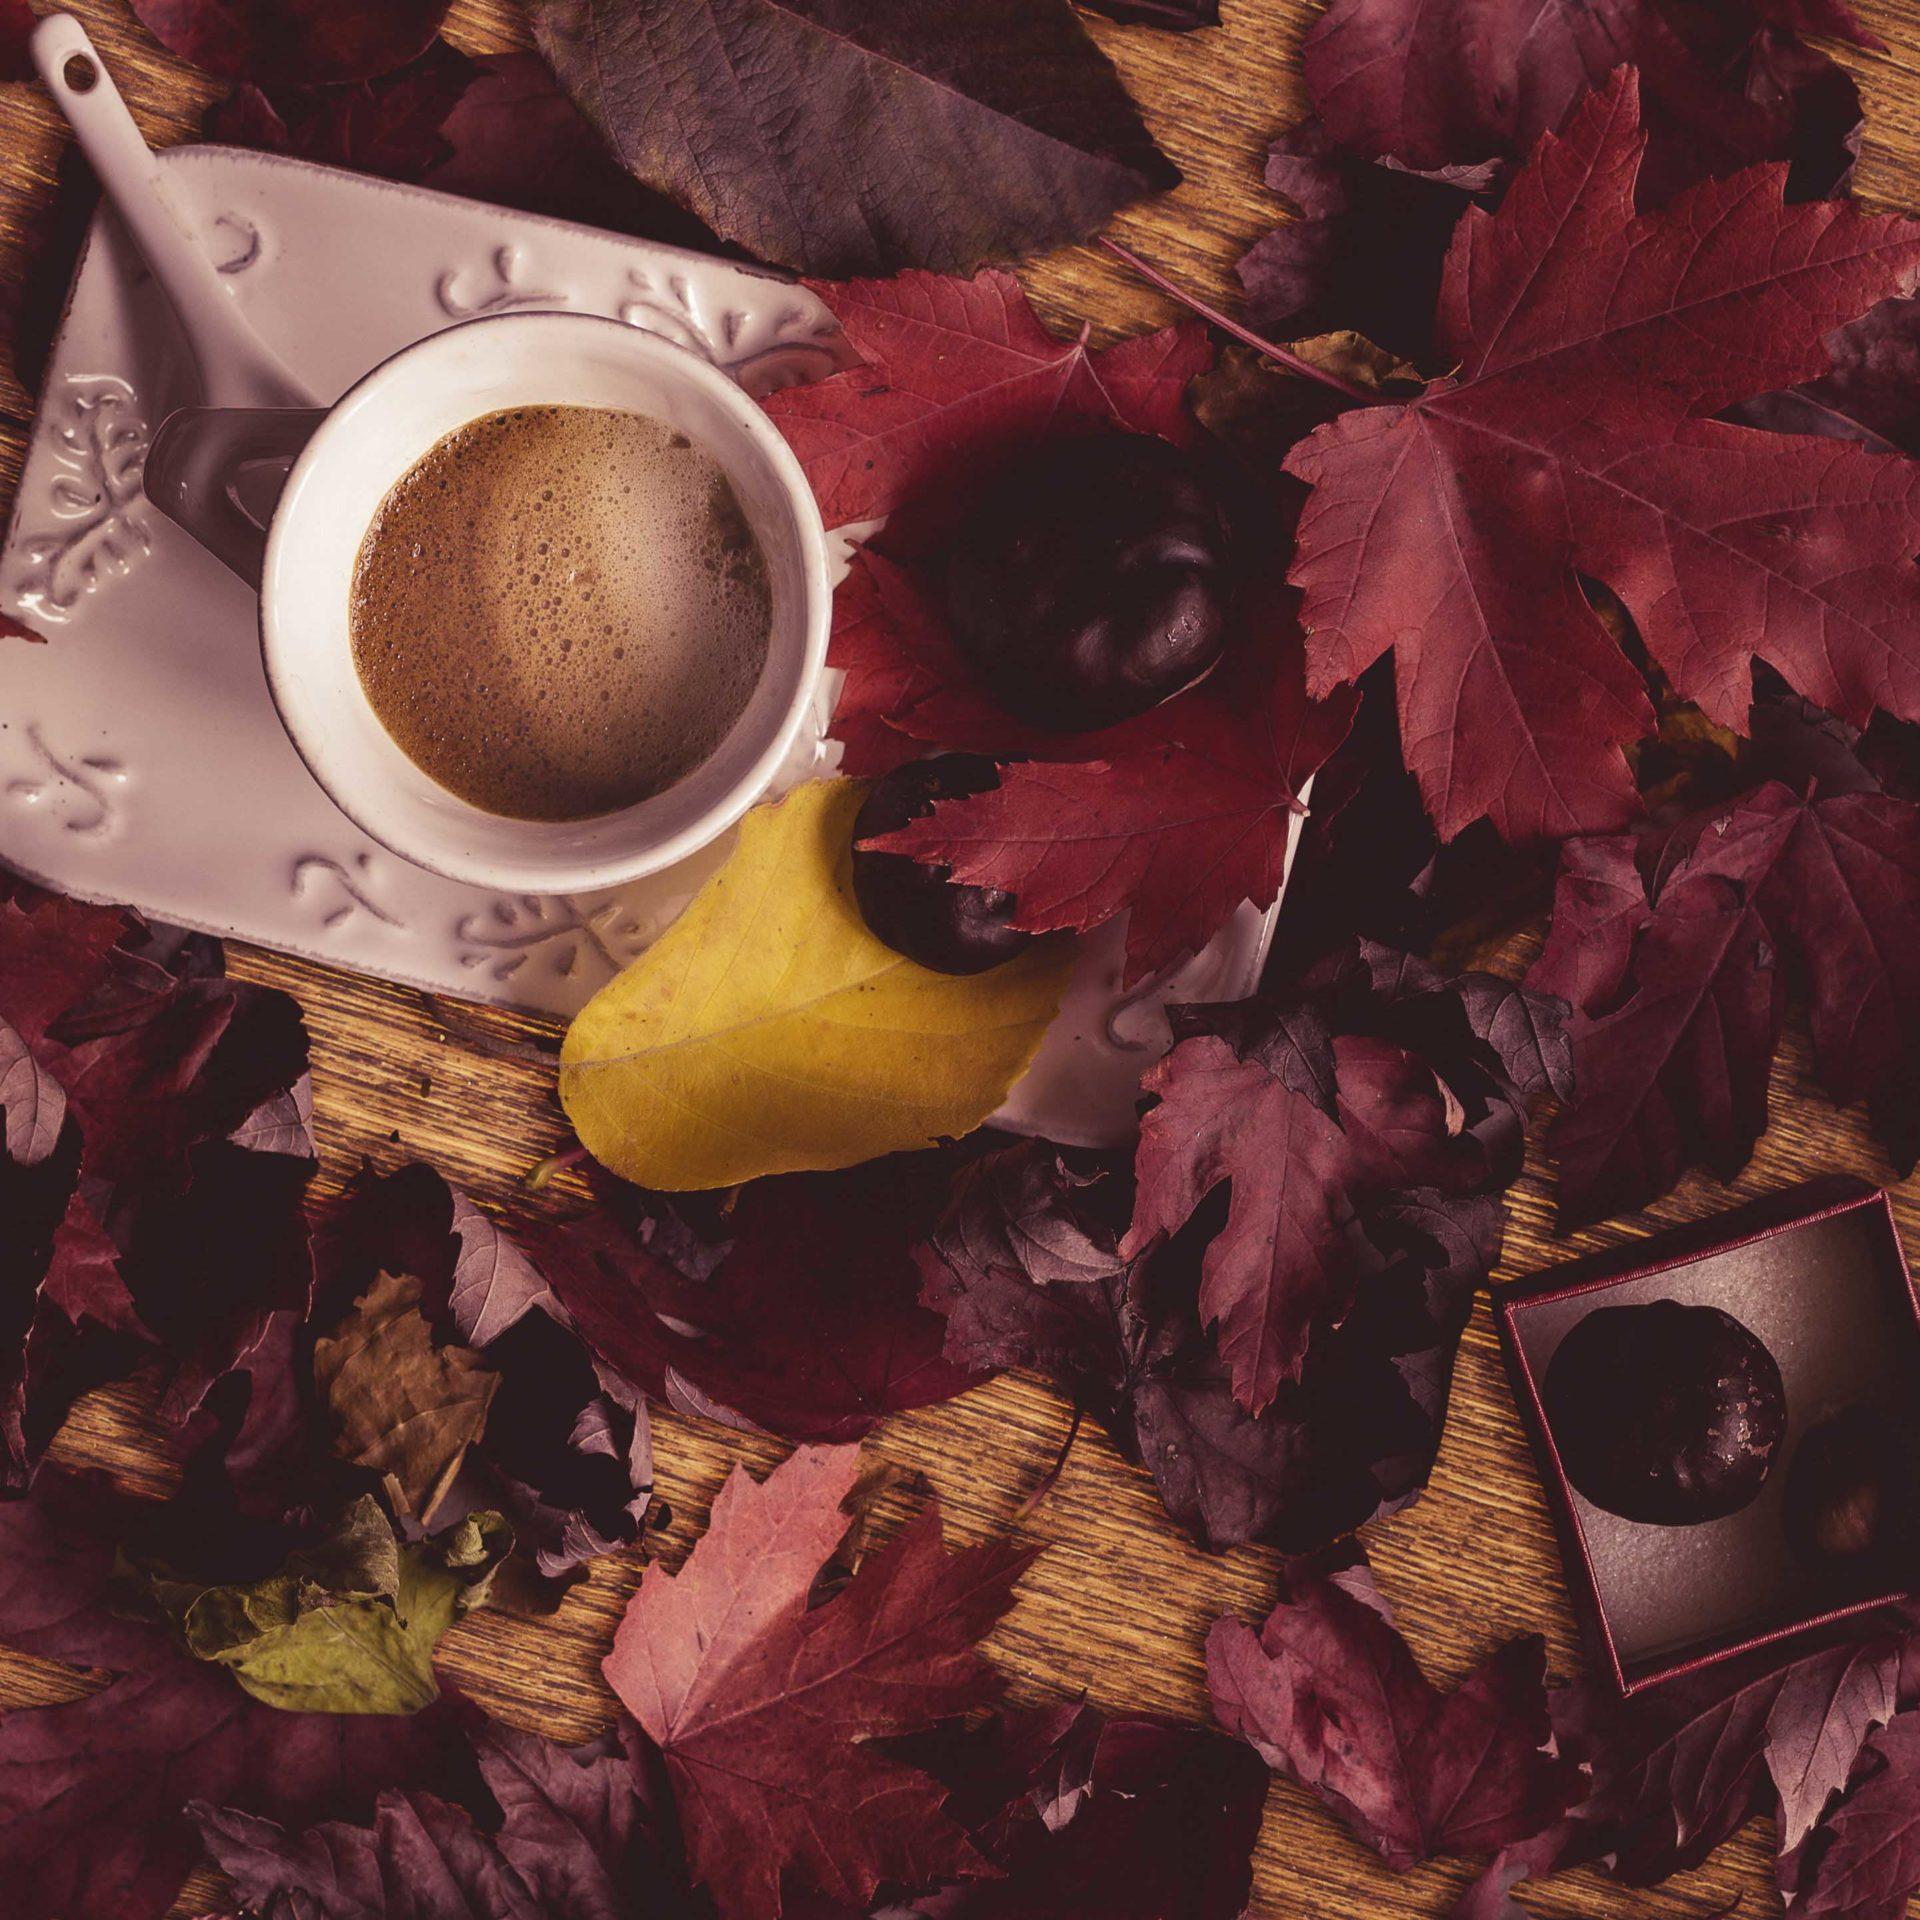 photographie culinaire-foodporn-photographe culinaire-Lourdes-Tarbes-pau-dégustation visuelle-pain-coffee